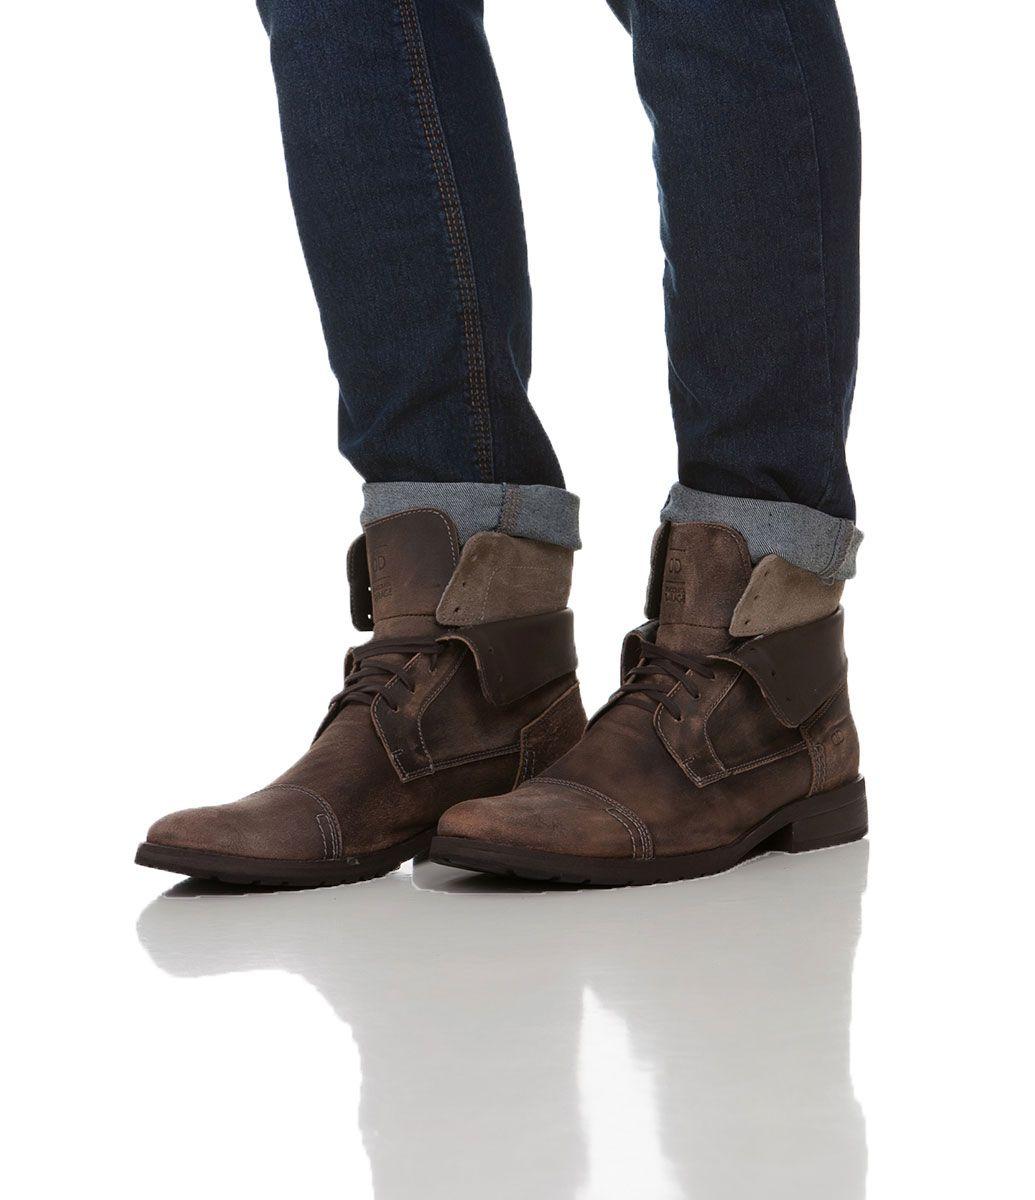 Bota masculina Com cadarço Material  couro Marca  Democrata COLEÇÃO INVERNO  2015 Veja outras opções de botas masculinas. Sobre a Democrata A Democratas  ... d896695fe36ea